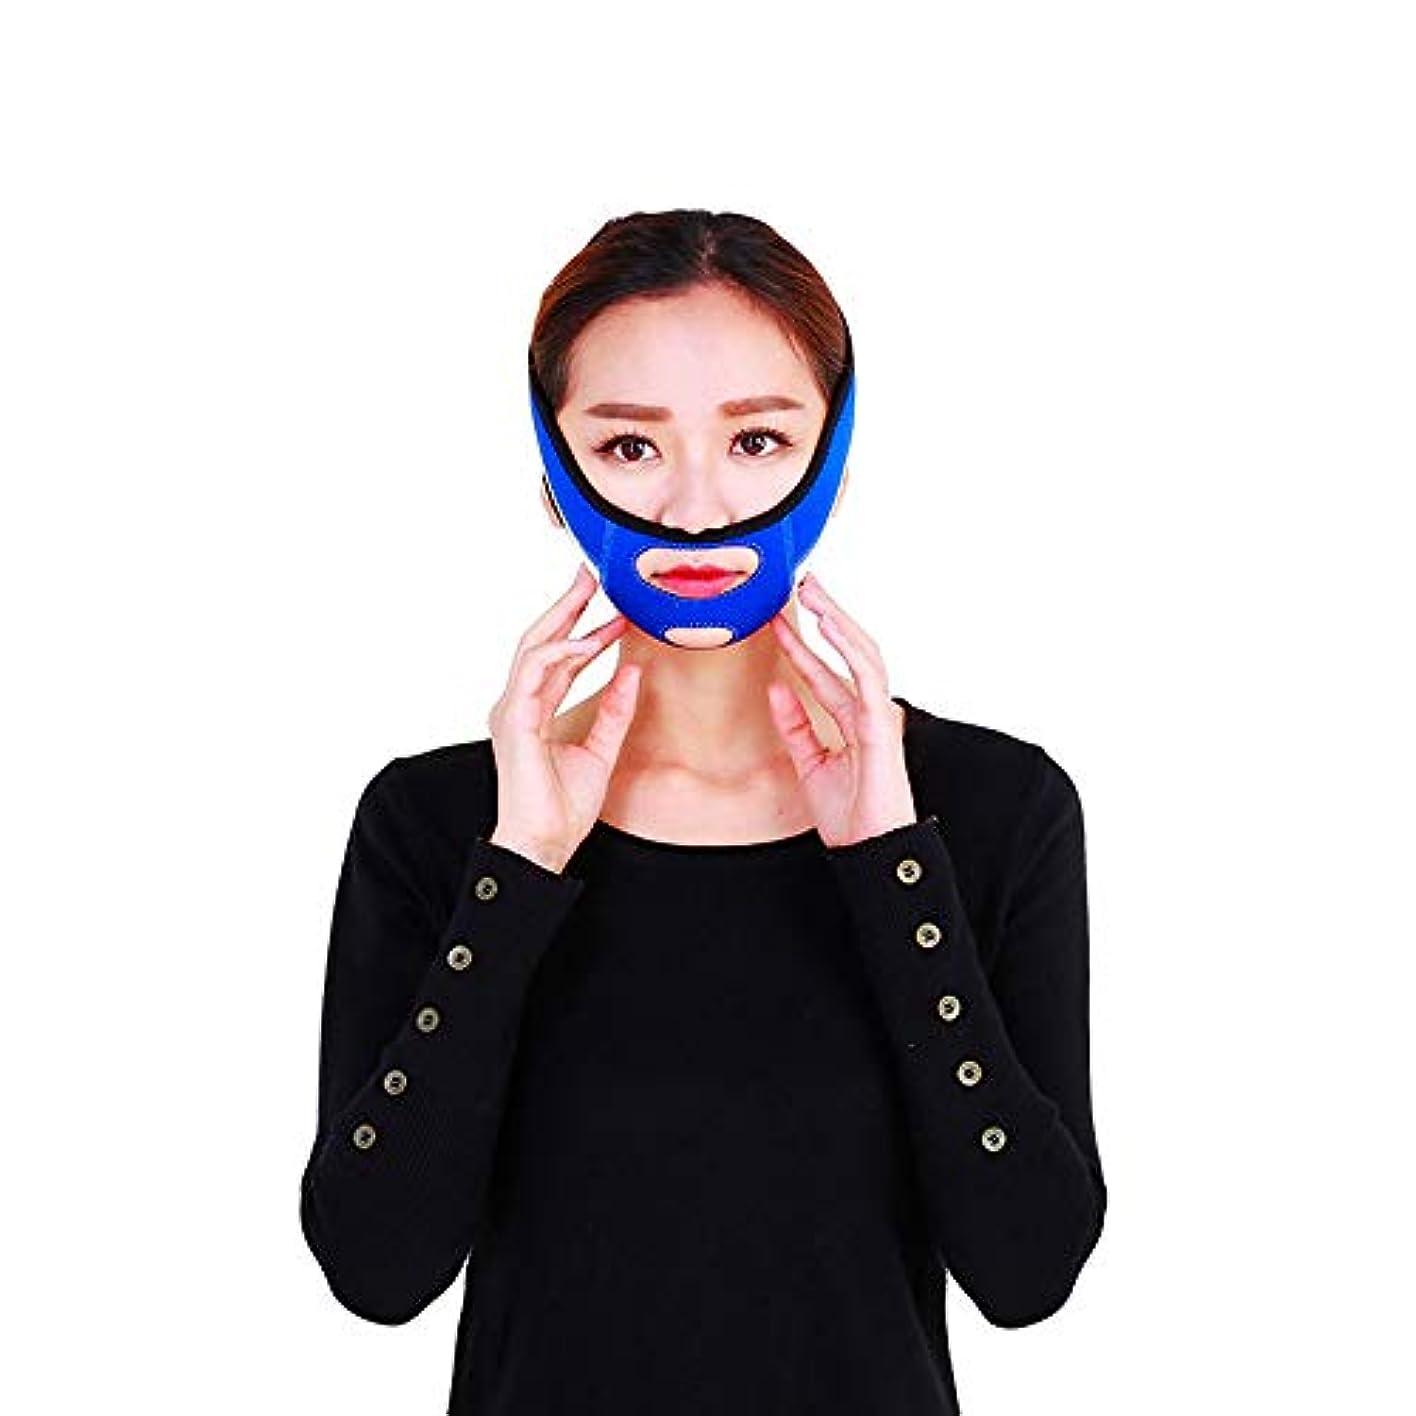 色誠実さ冗長フェイスリフトベルト 顔を持ち上げるベルト - 顔を持ち上げる包帯は、上顎顔面修正ツールを強力に強化し、顔面マスクのV字形の人工物